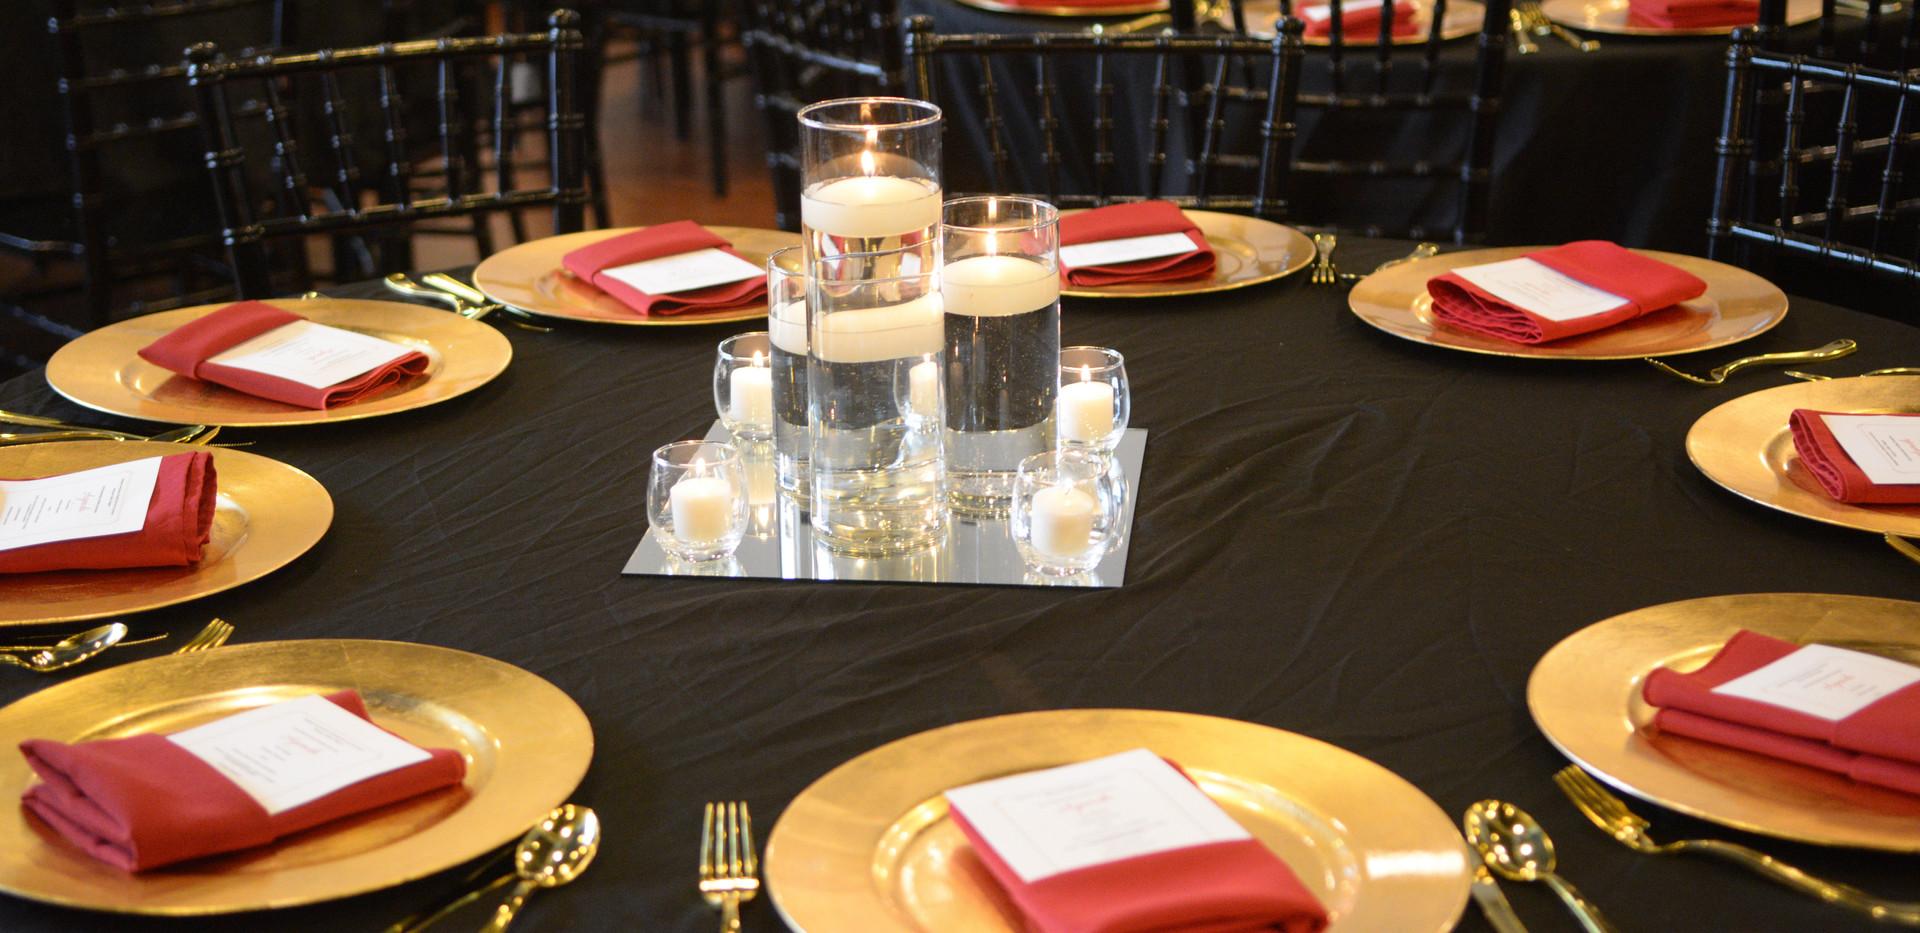 SMEP Cylinder Vase decor NAHSE reception